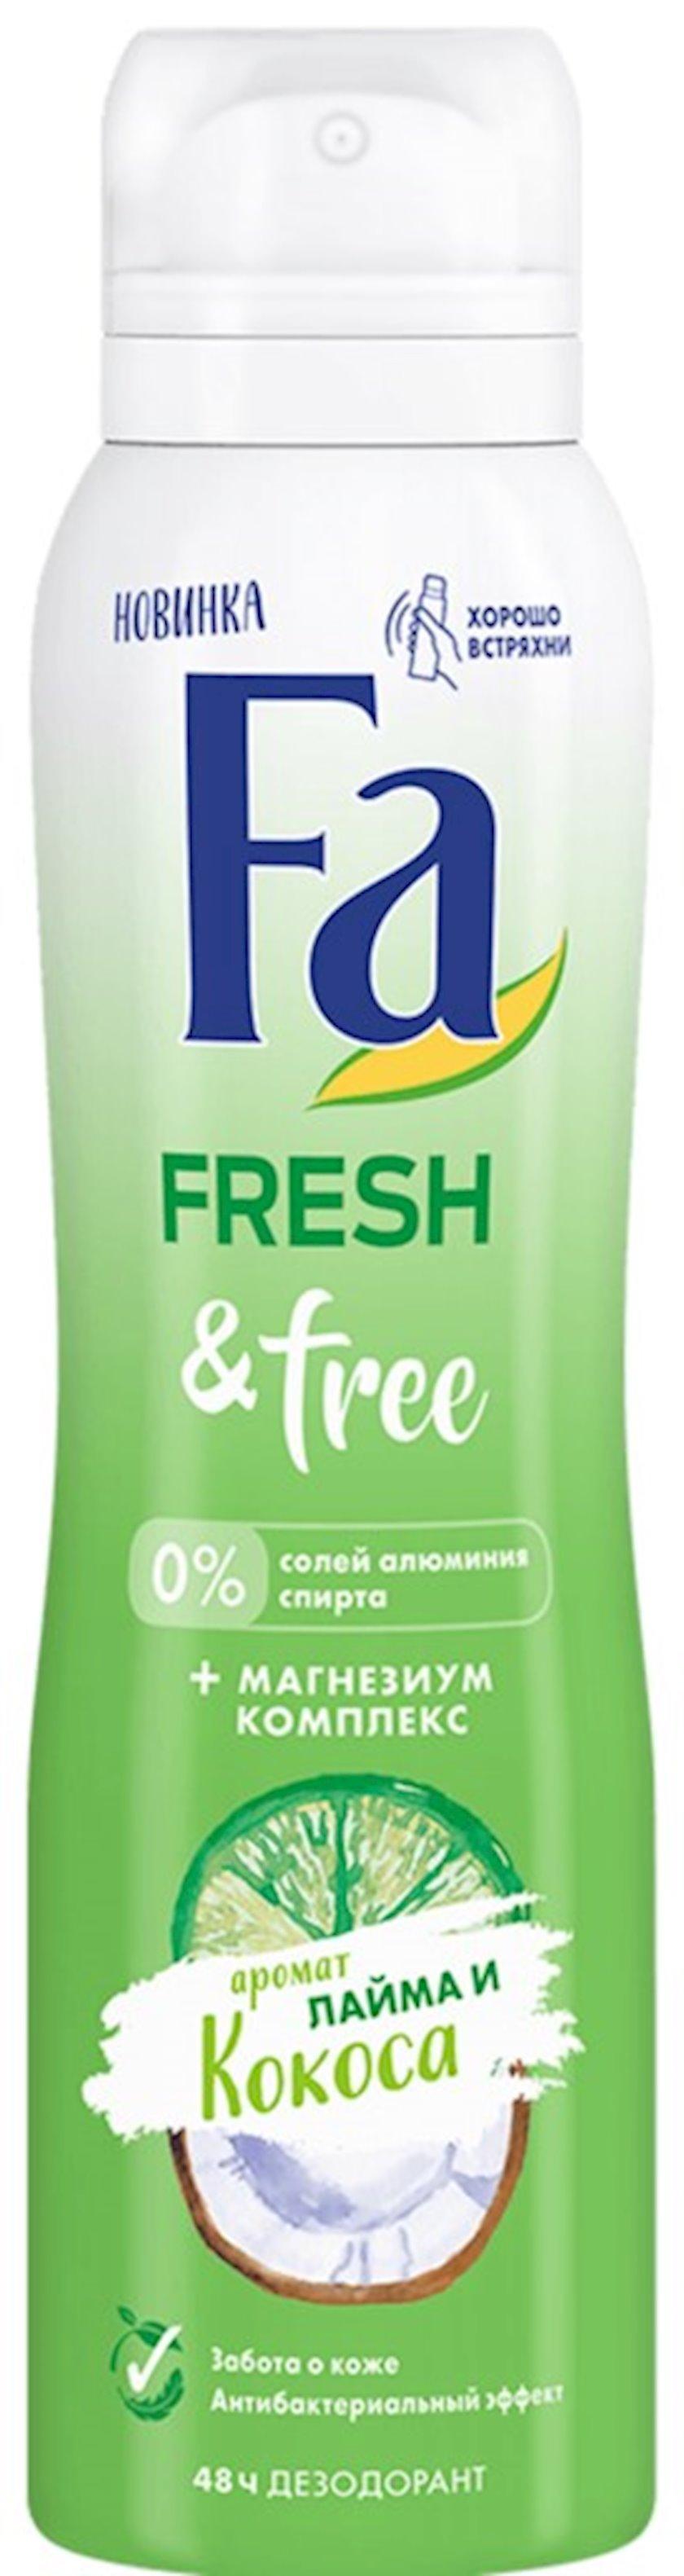 Dezodorant-sprey Fa Fresh and Free laym və kokos ətri